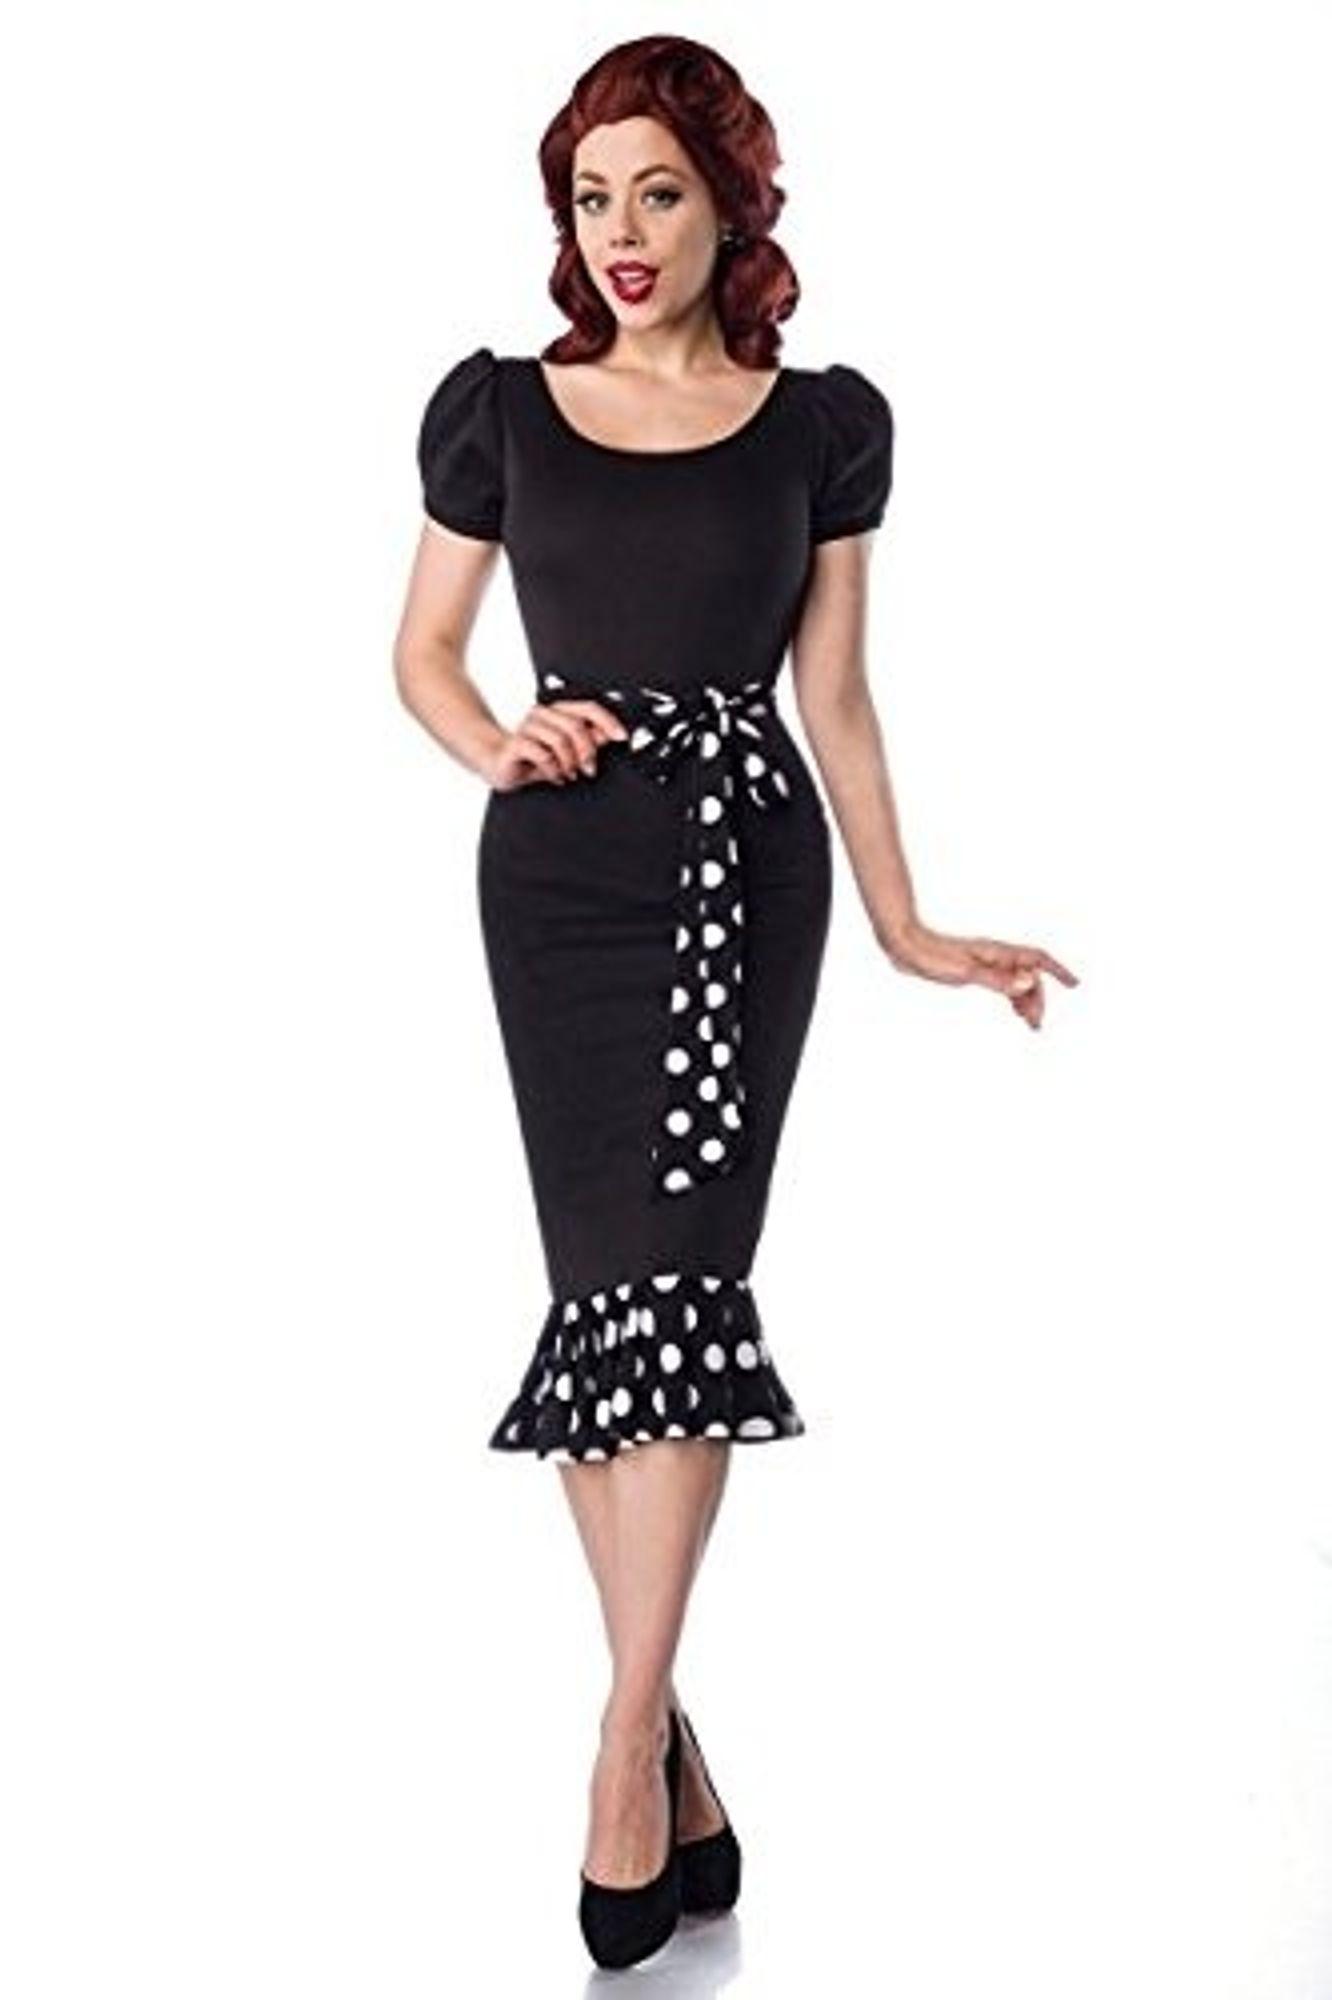 Belsira Jersey-Kleid mit Puffärmeln - schwarz/weiß